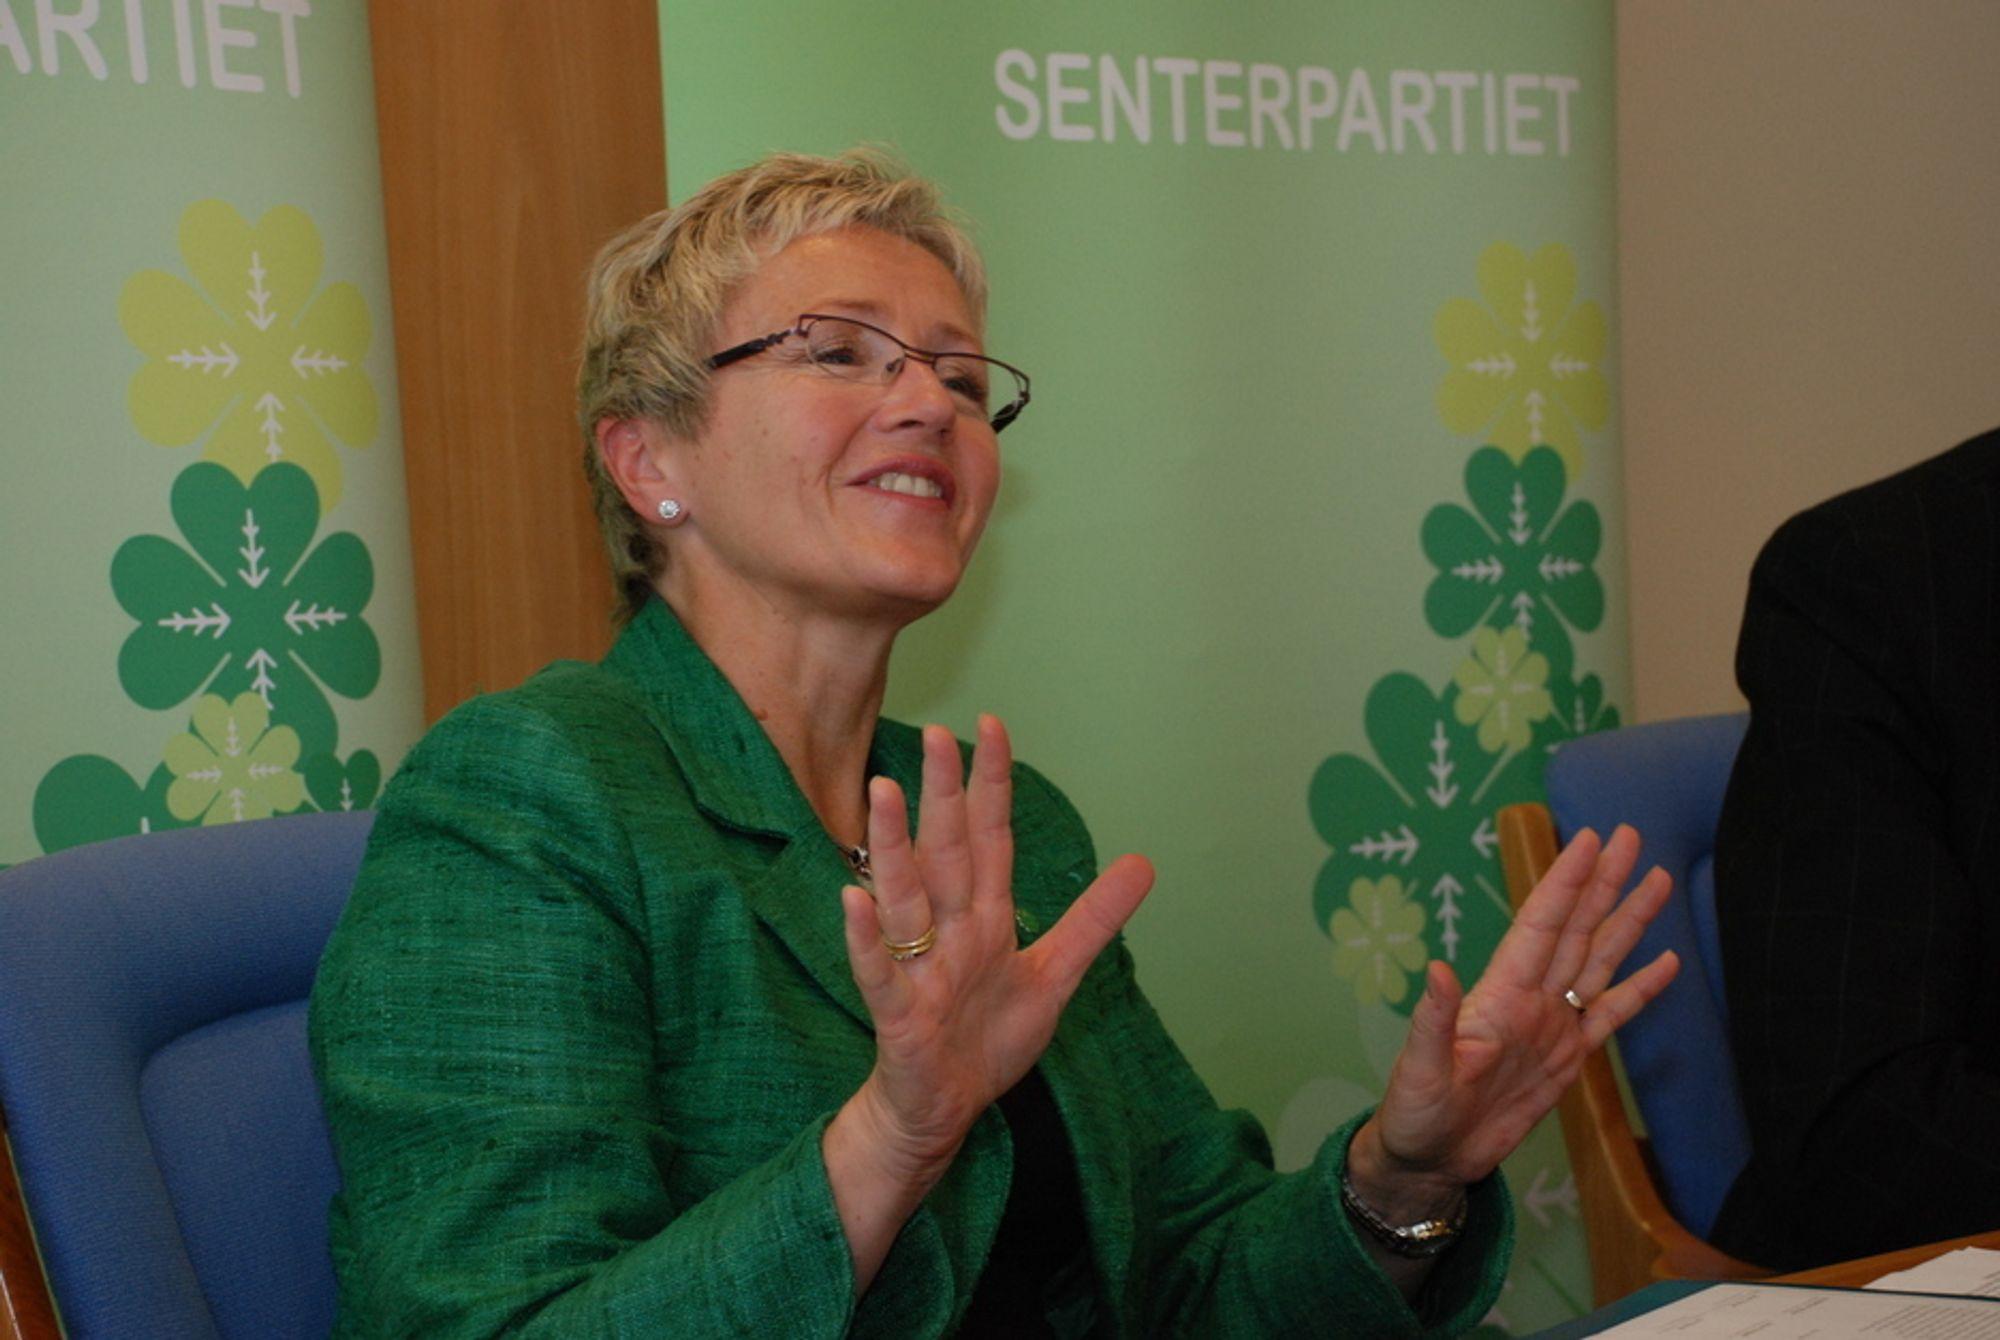 STØTTE: Senterpartiet foreslår at Innovasjon Norge skal gi opptil 50 prosent støtte til prosjekter innen miljøteknologi. De vil sette av flere hundre millioner til formålet.